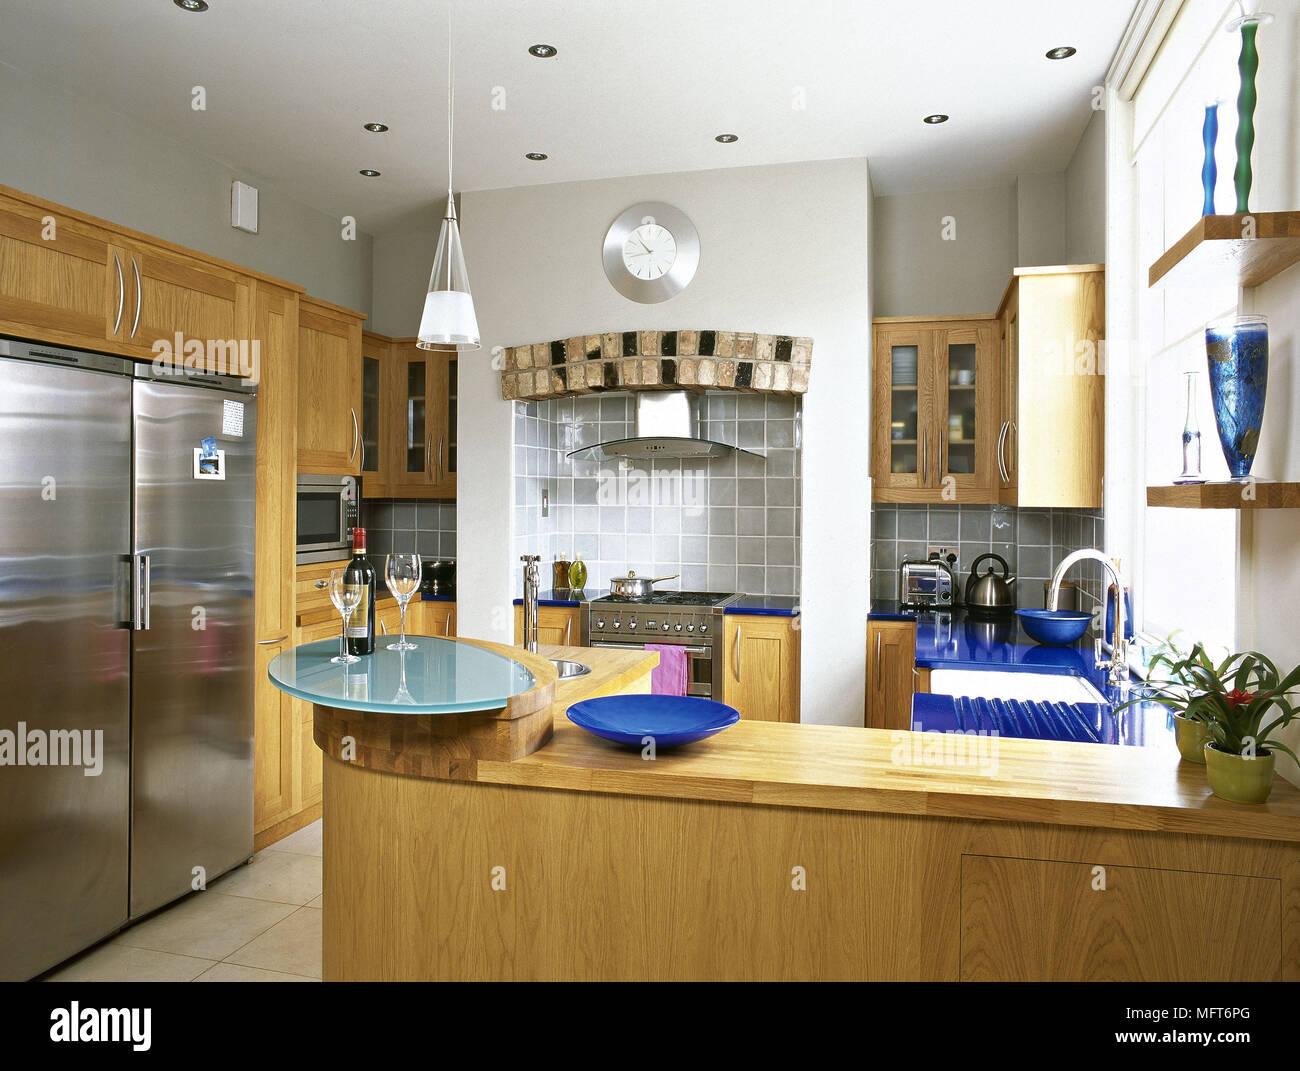 Cucina moderna unità di legno in acciaio inox frigo cucine interni ...